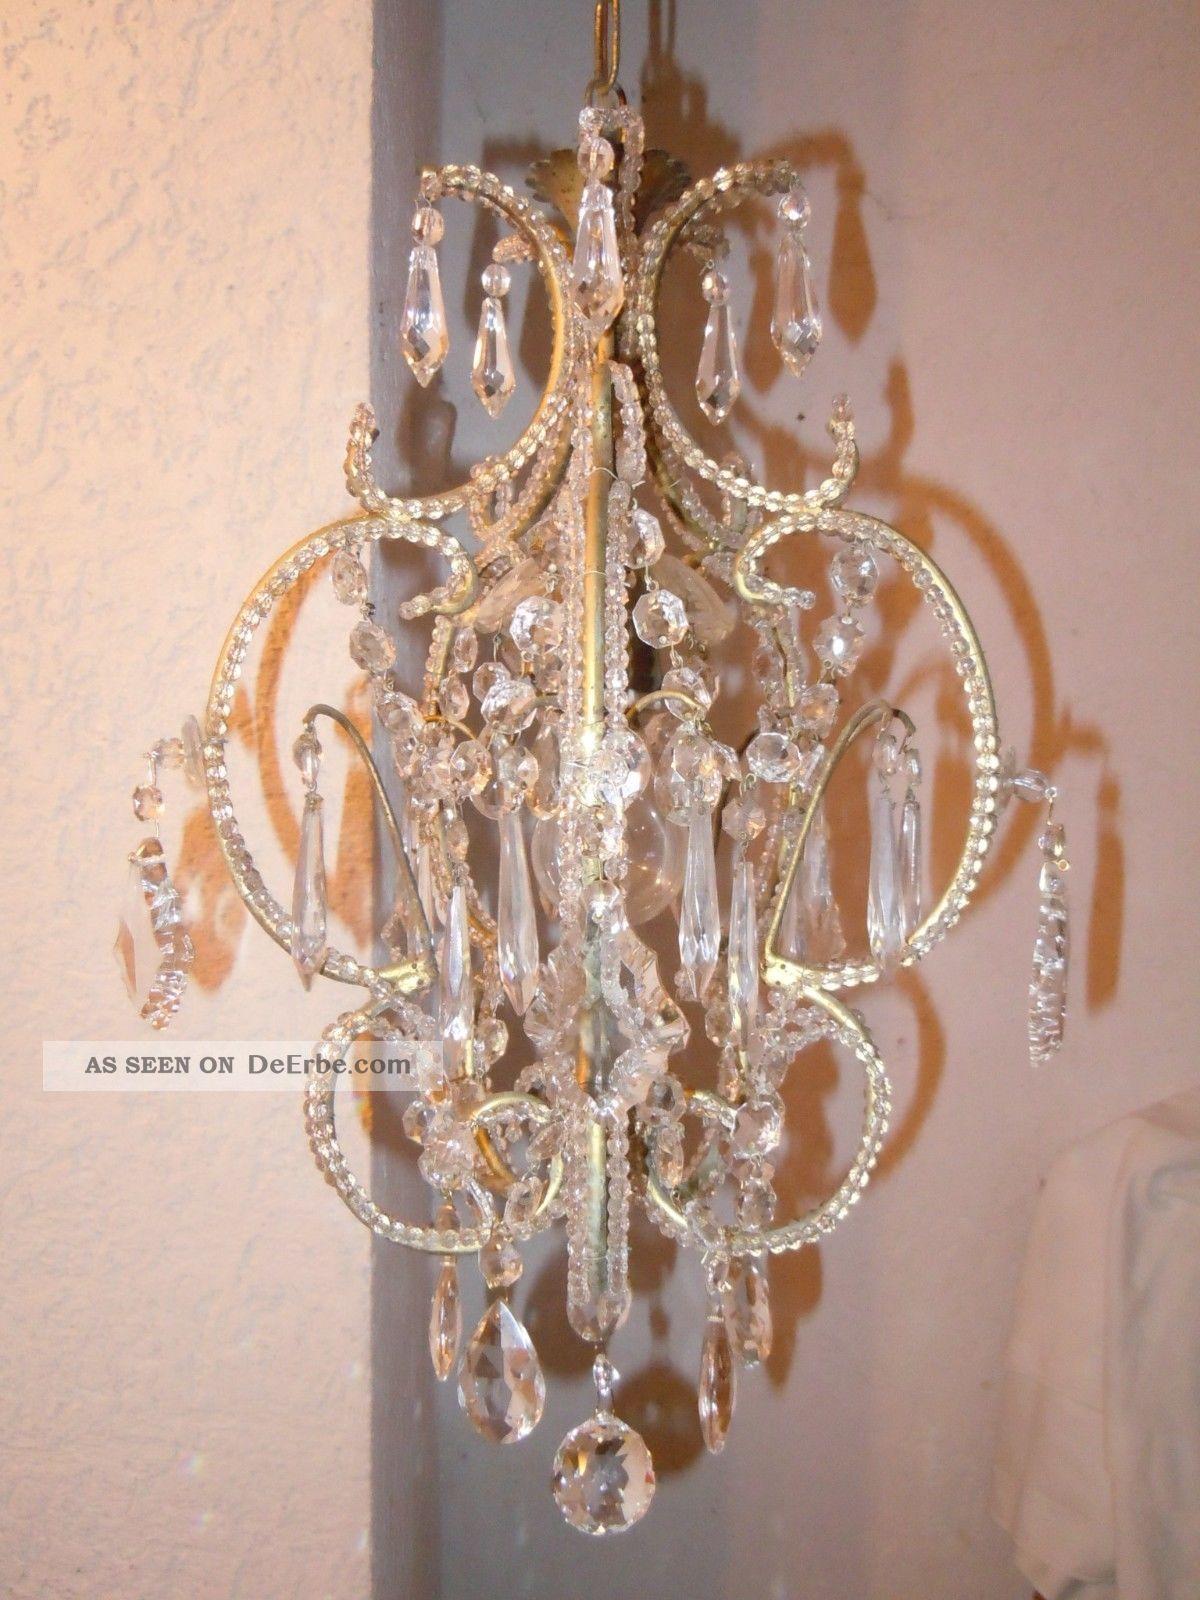 kleiner veneziane kristall l ster chandelier kronleuchter jugendstil shabby rar. Black Bedroom Furniture Sets. Home Design Ideas